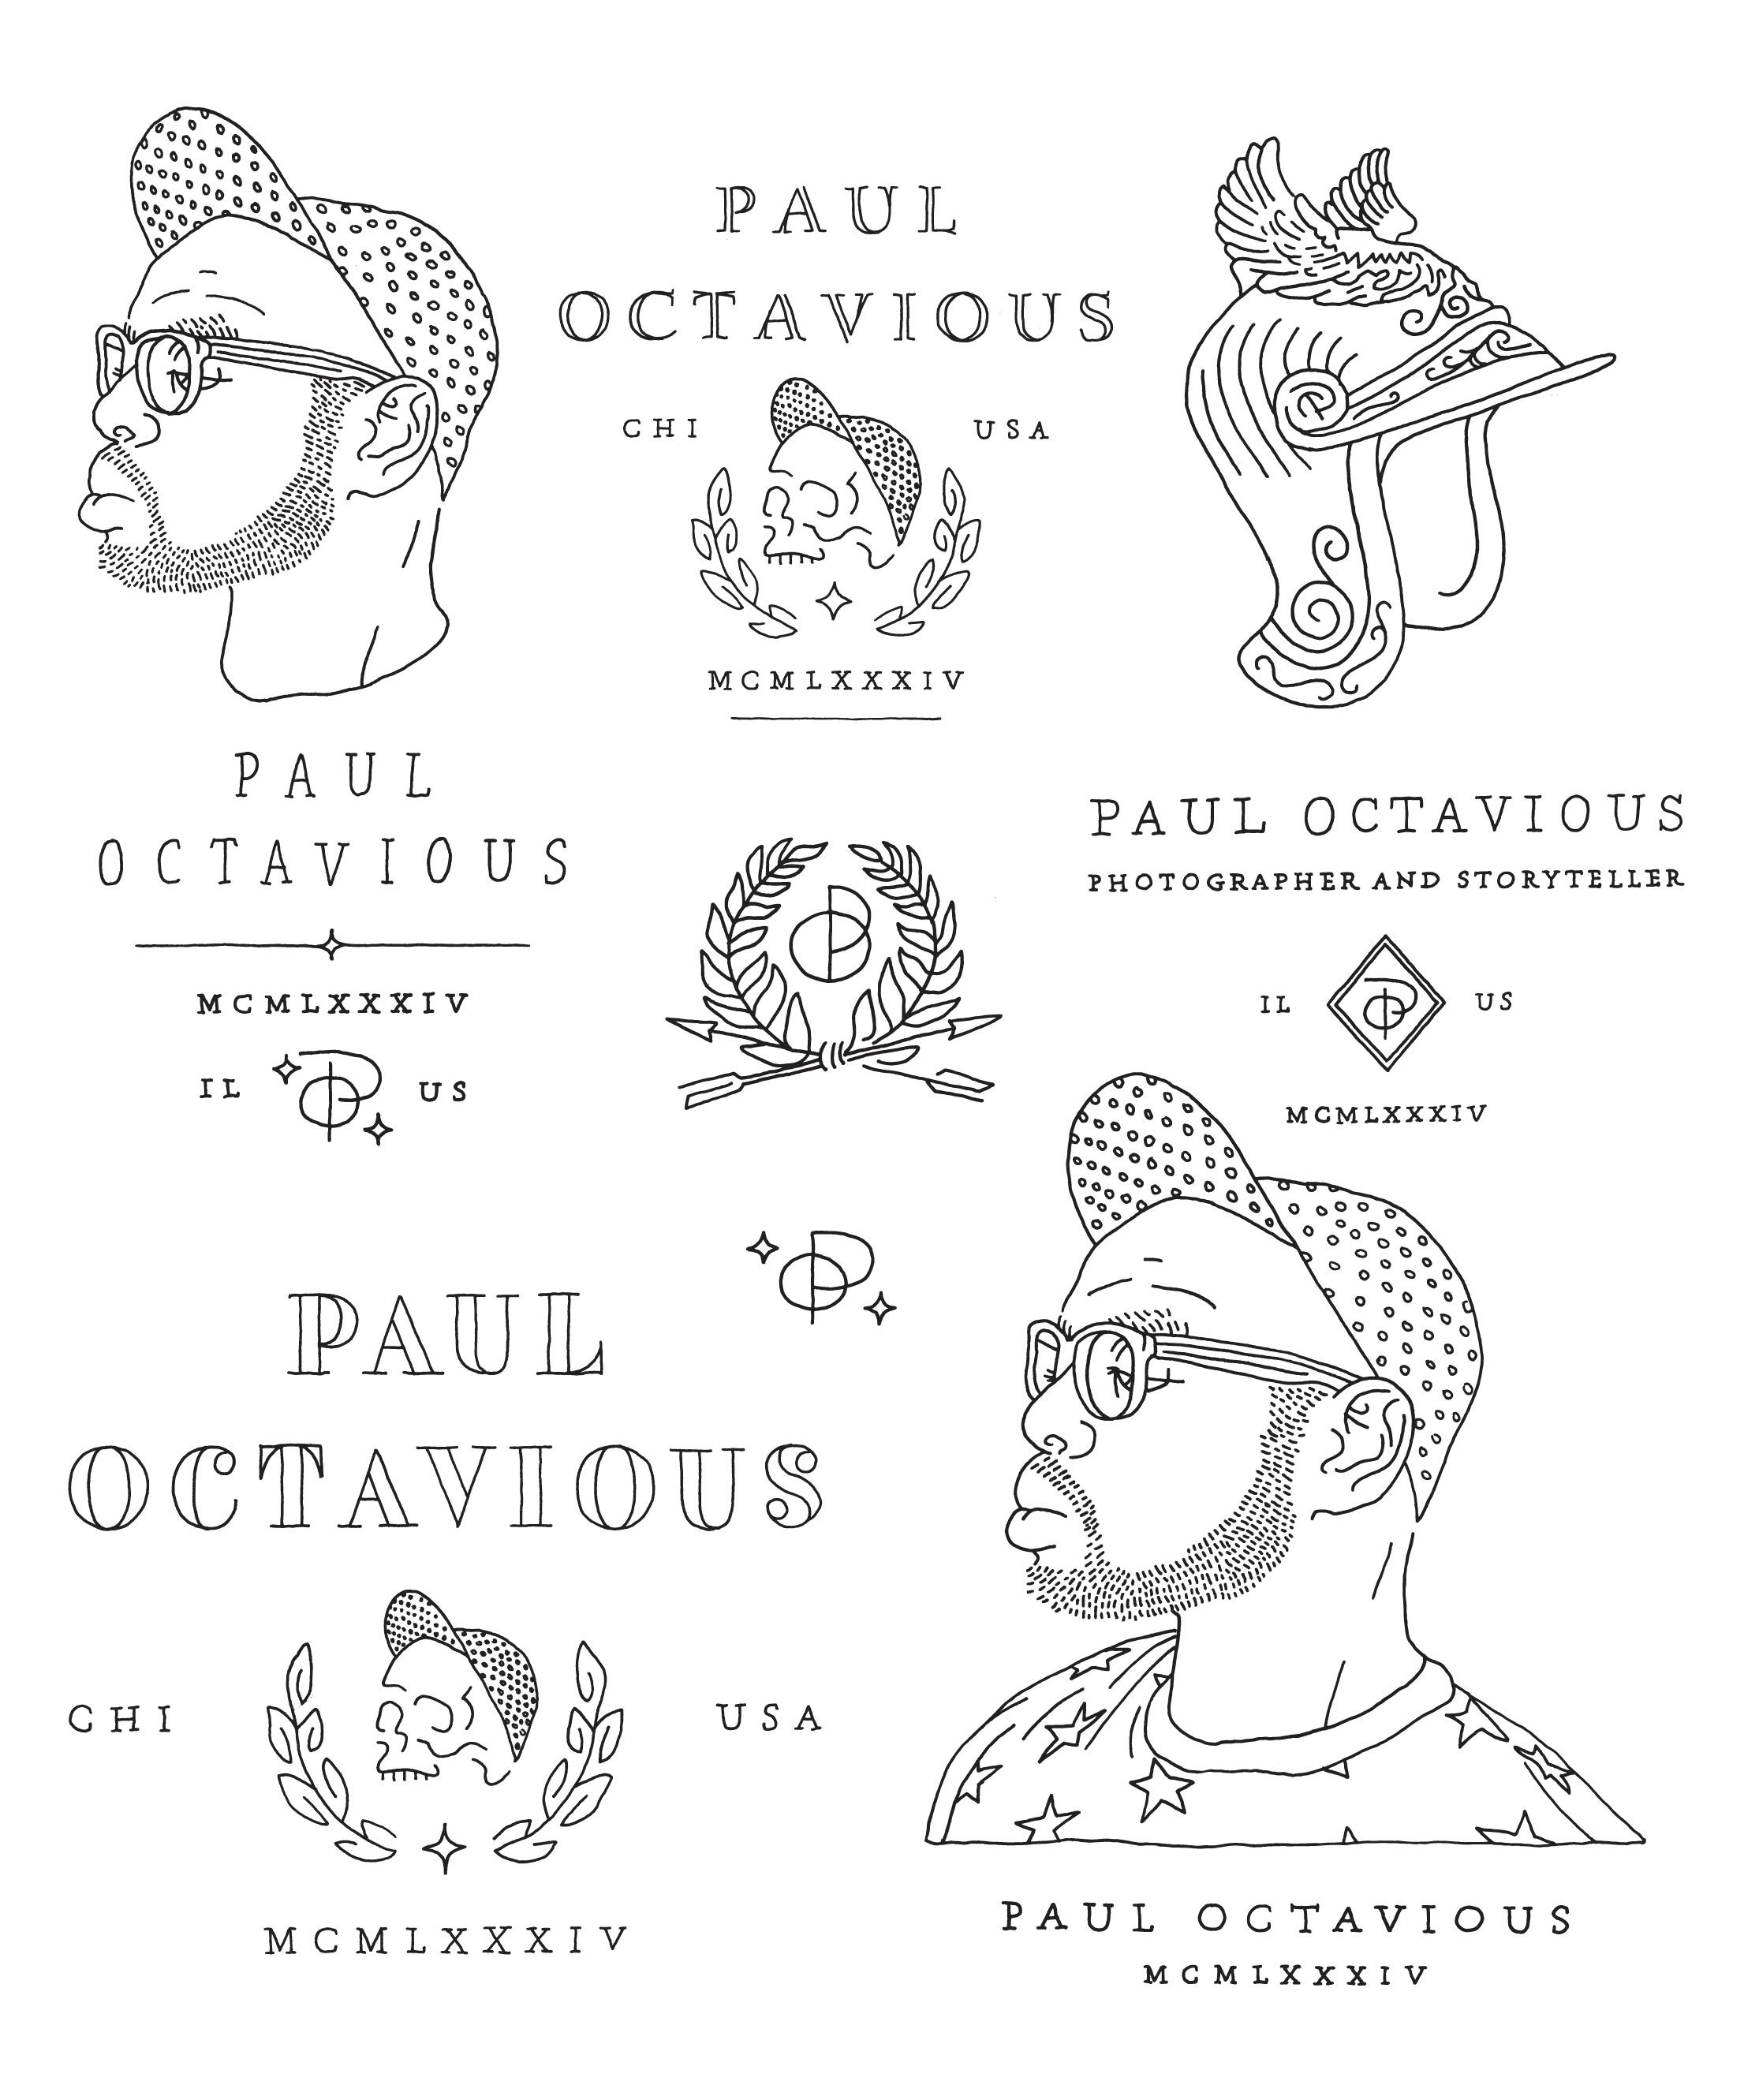 Paul octavious   full exploratory